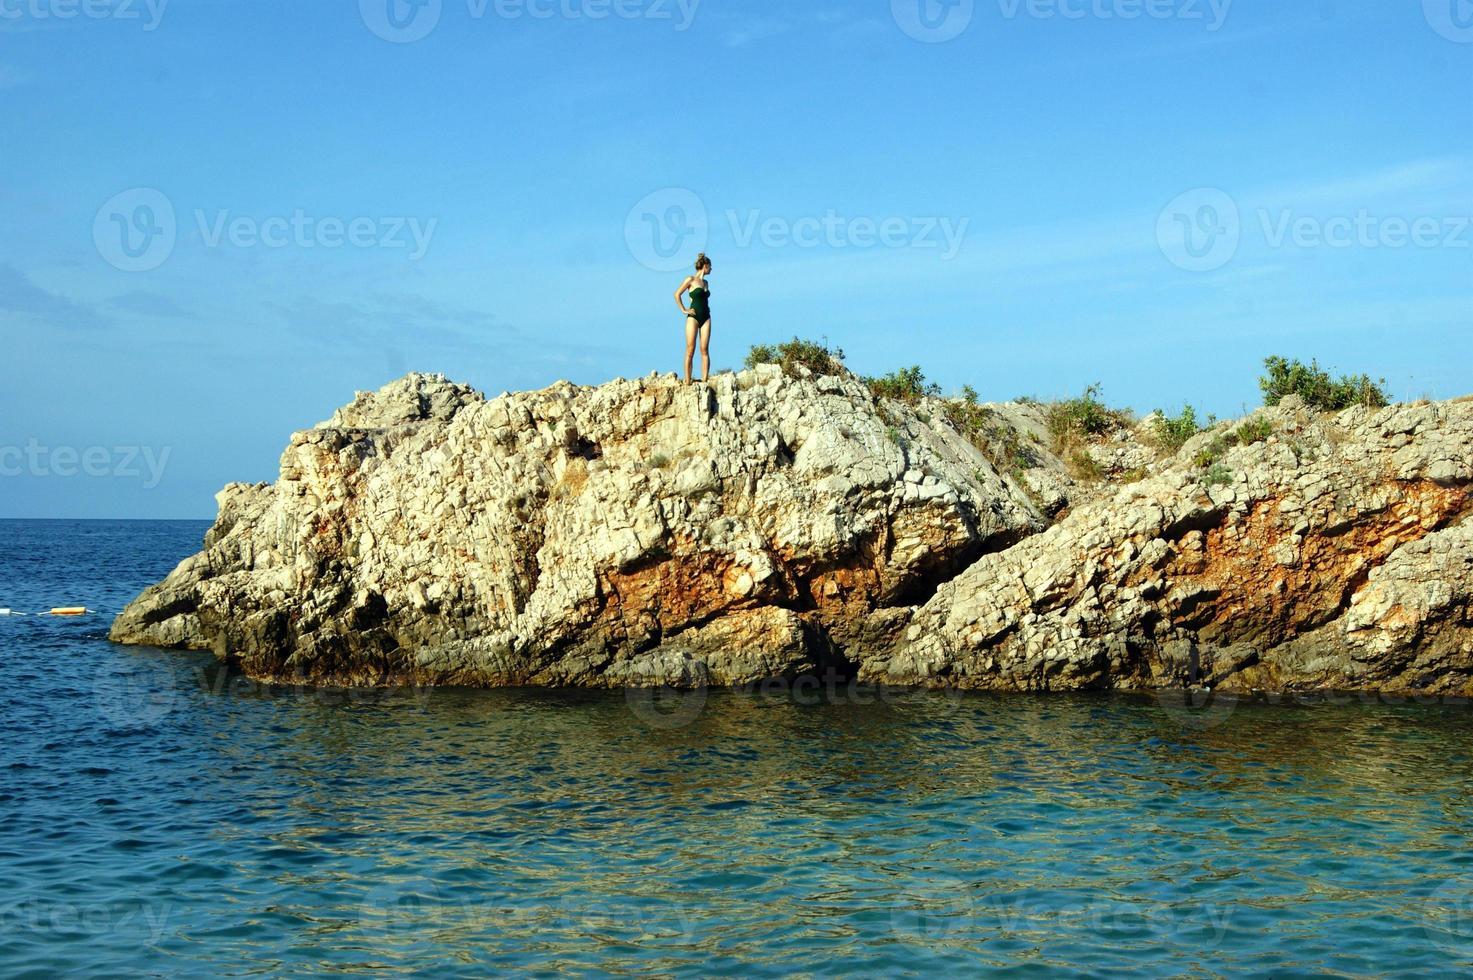 het rotseiland in de Adriatische Zee foto